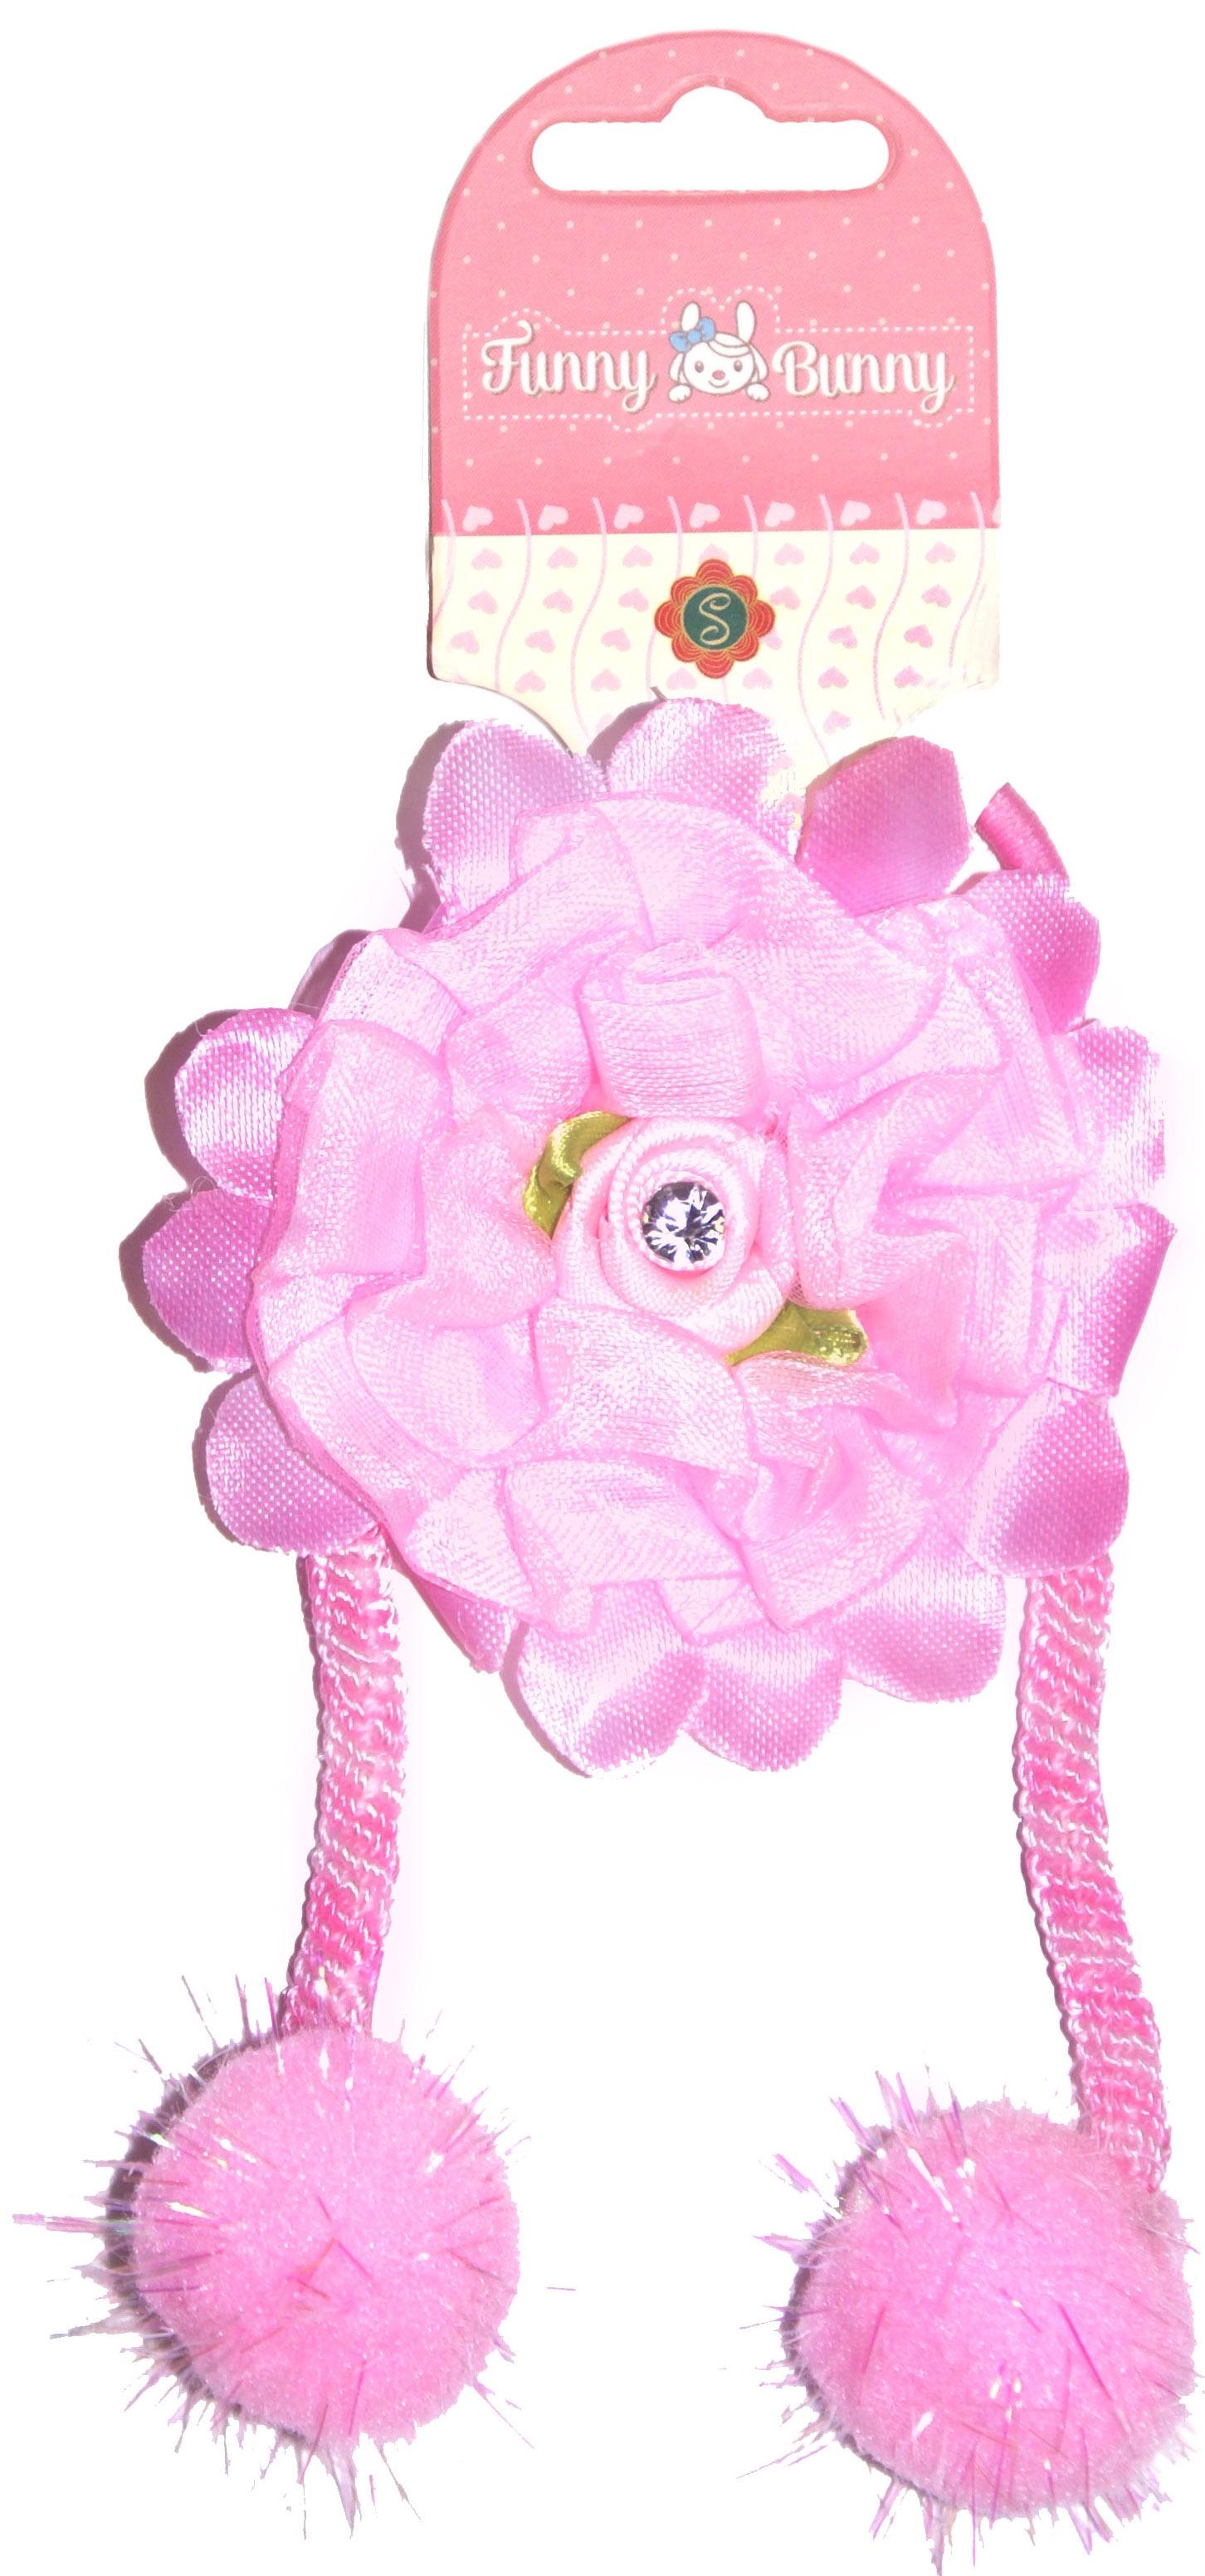 Украшения Funny Bunny Резинка для волоc Funny Bunny с украшением 1 шт. в ассортименте невидимка для волос funny bunny розовые цветы 2 шт